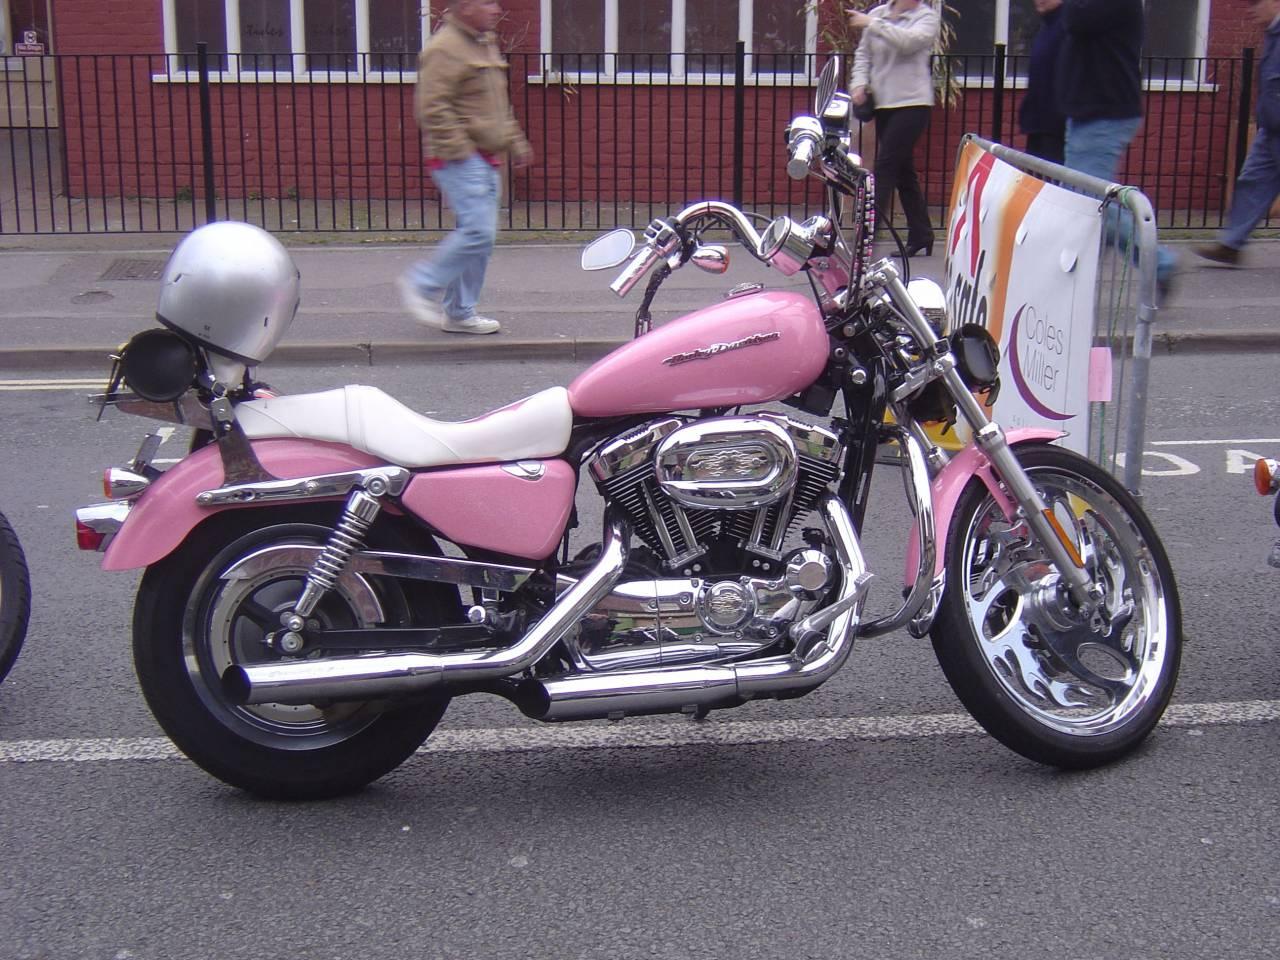 http://1.bp.blogspot.com/-AxLAq8b5fQ8/UCozNSSb92I/AAAAAAAAABo/j1szThLXRgo/s1600/Pink_Harley_Davidson1.jpg